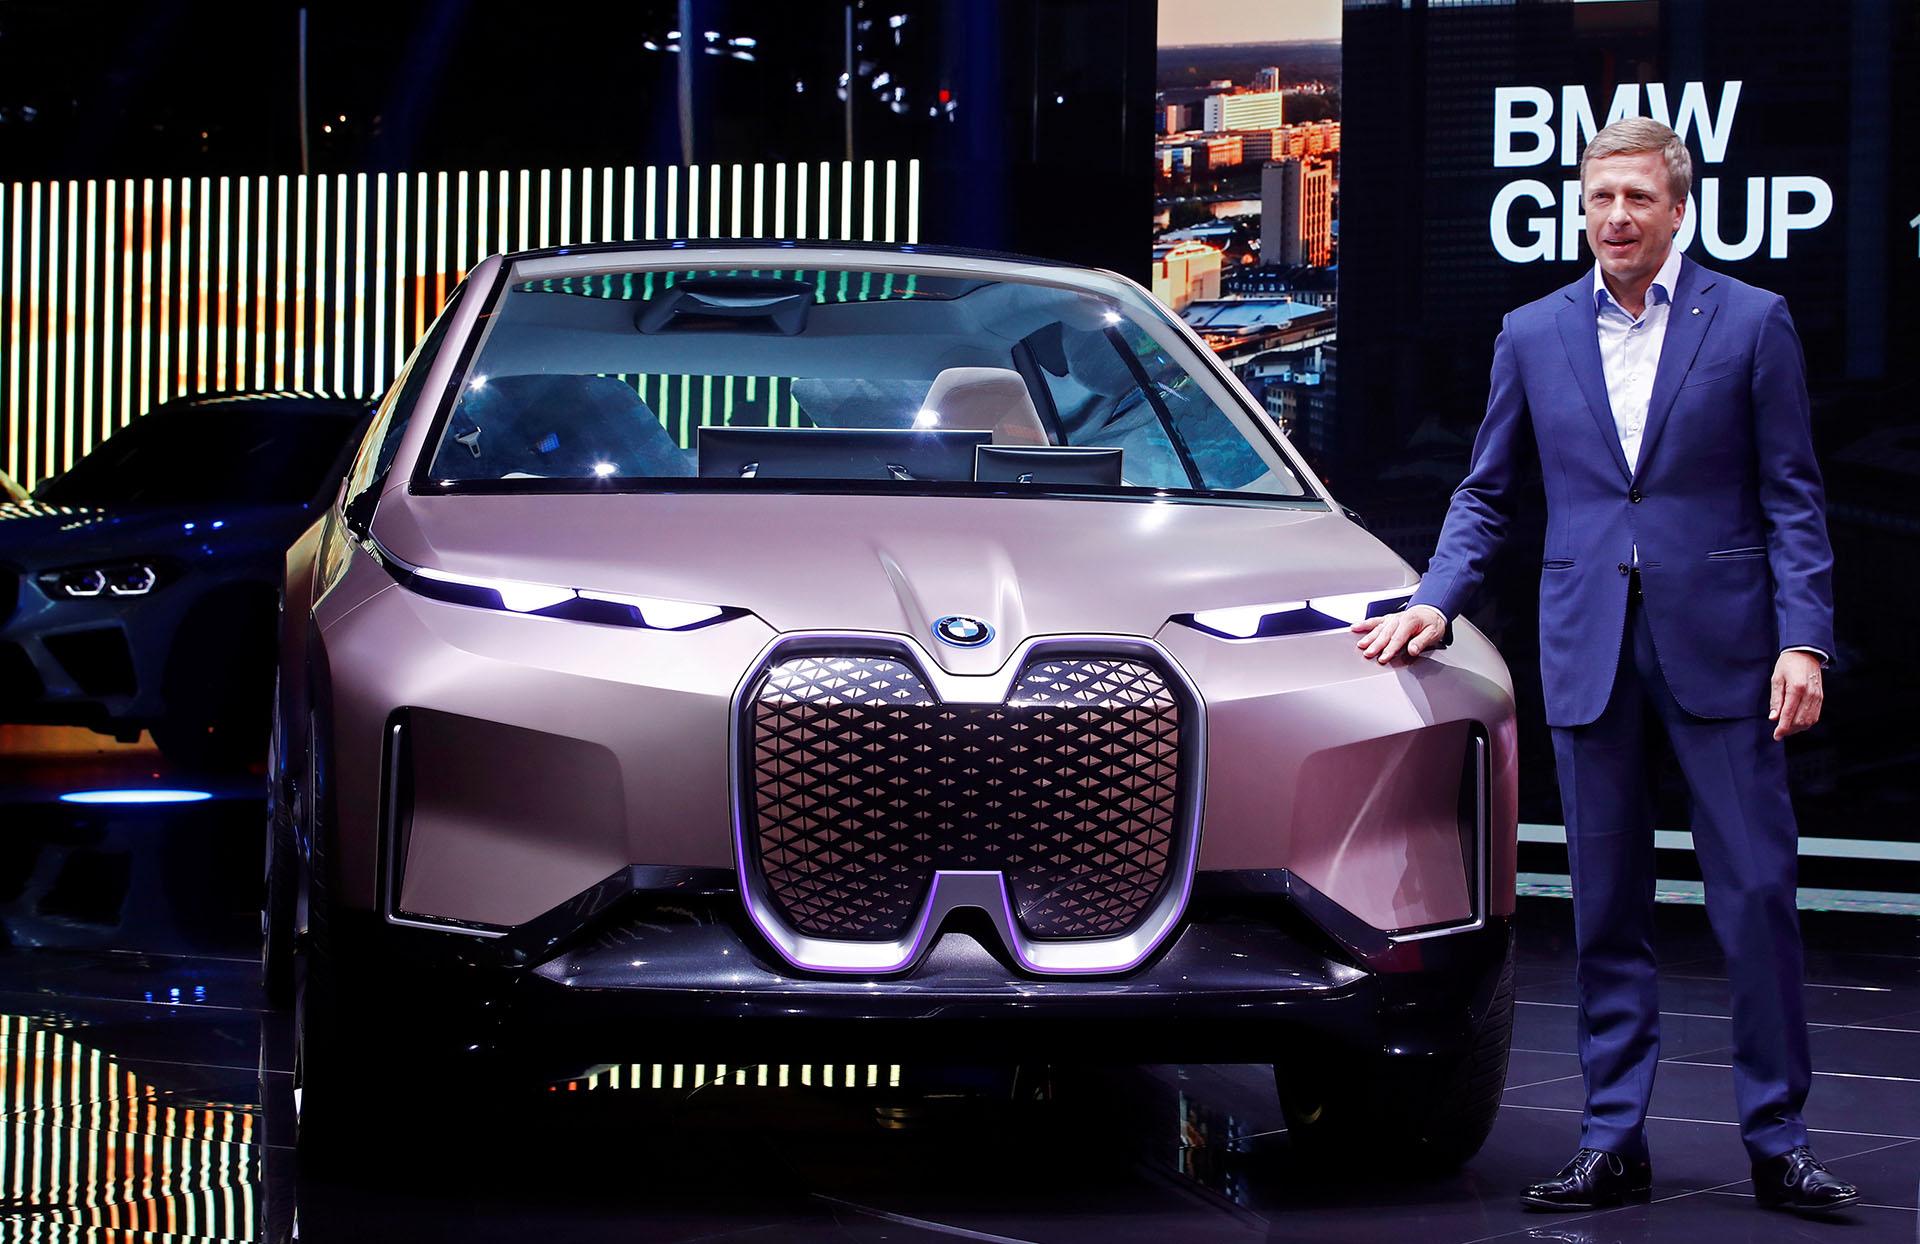 El nuevo CEO del fabricante alemán de automóviles de lujo BMW, Oliver Zipse, habla junto a un BMW Vision iNext en el Salón del Automóvil de Frankfurt (IAA)